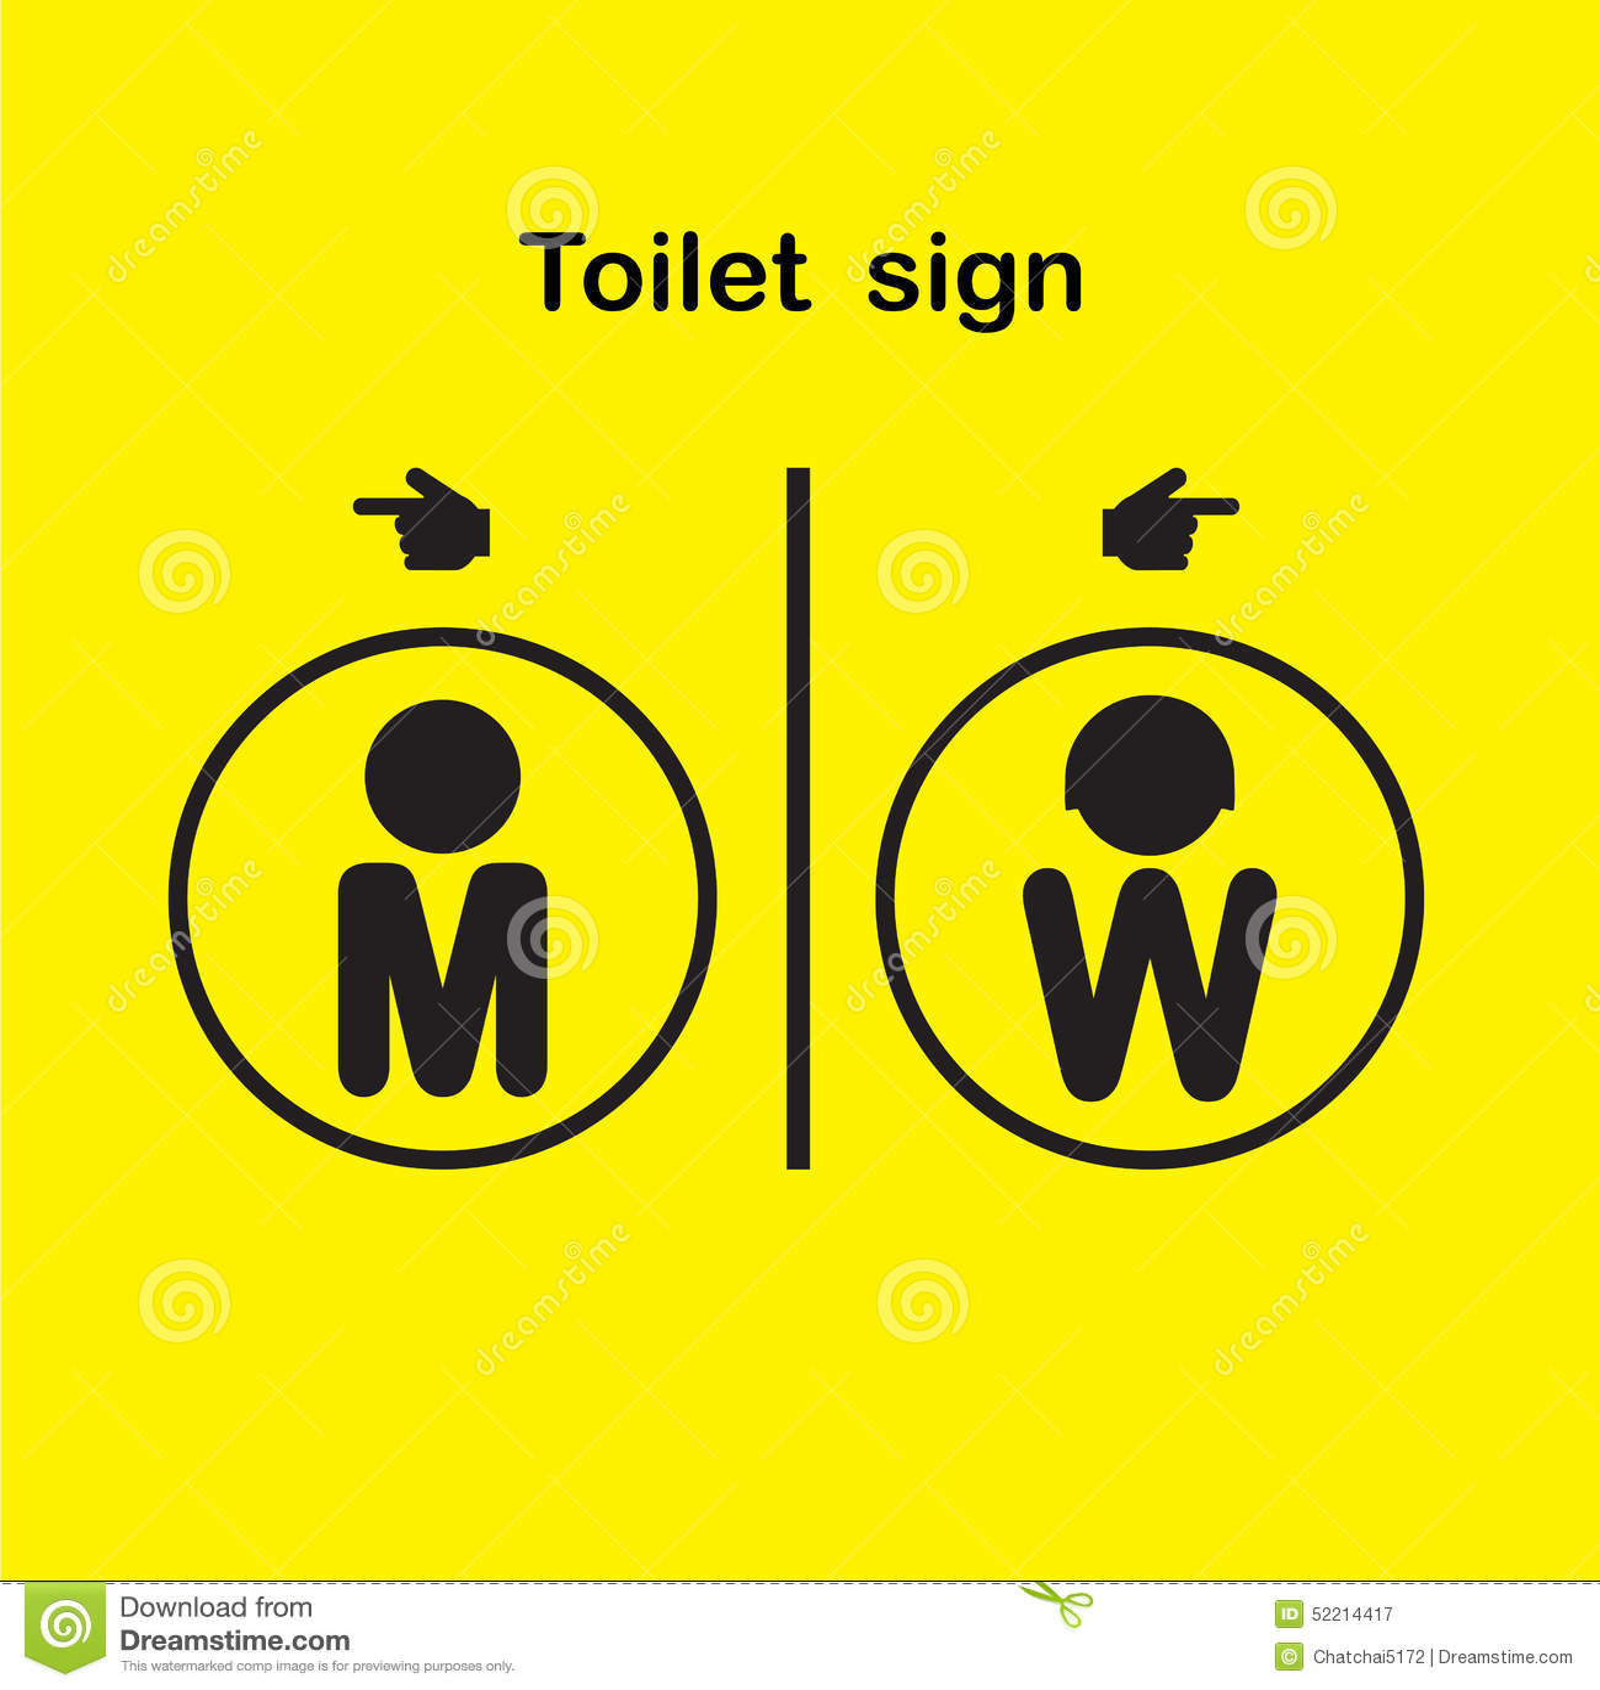 La Toilette Dhomme Et De Femme Signent Symbole De Toilettes